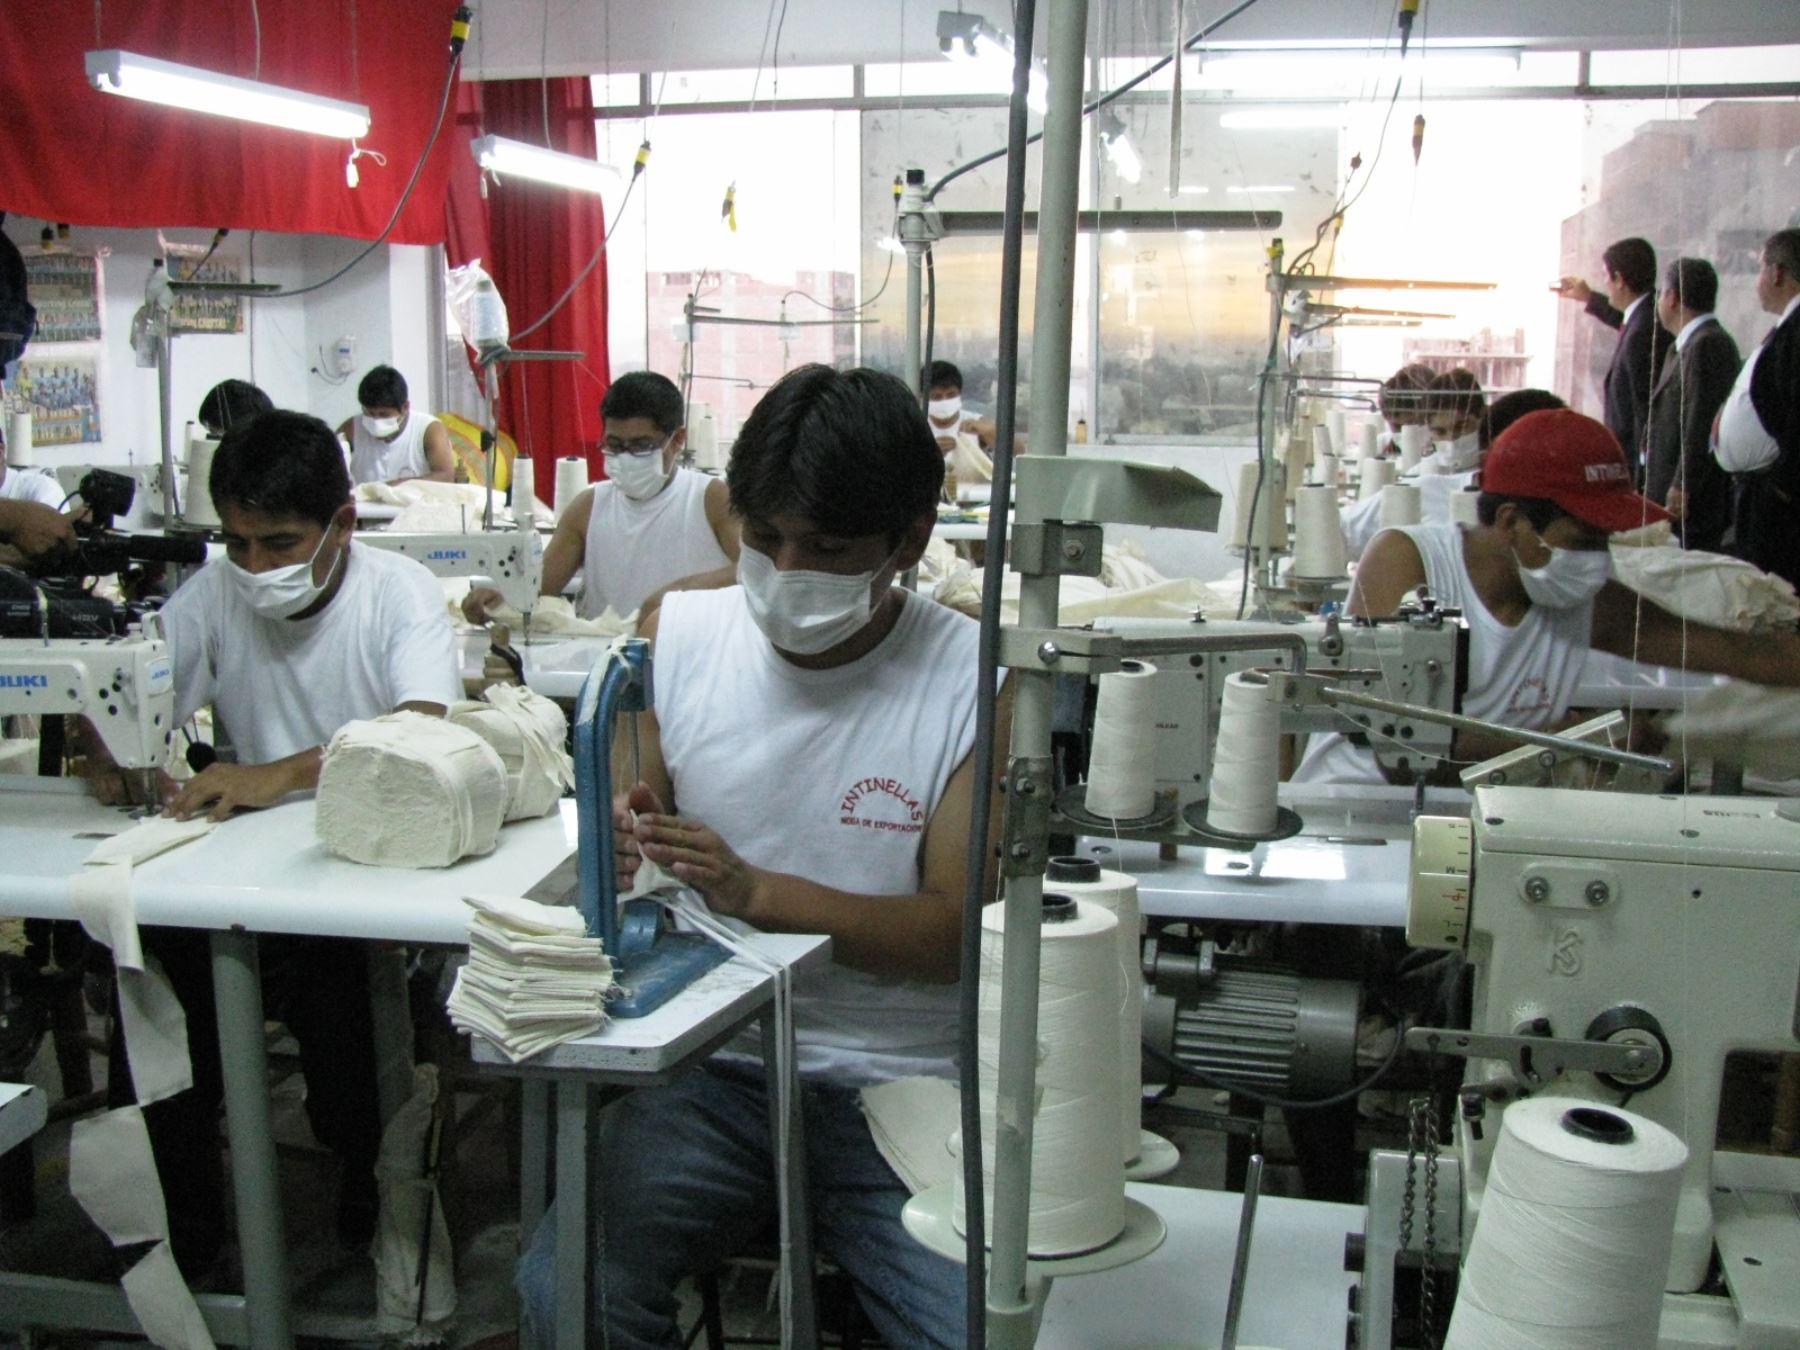 Pymes lideran demanda de soluciones digitales empresariales en el Perú